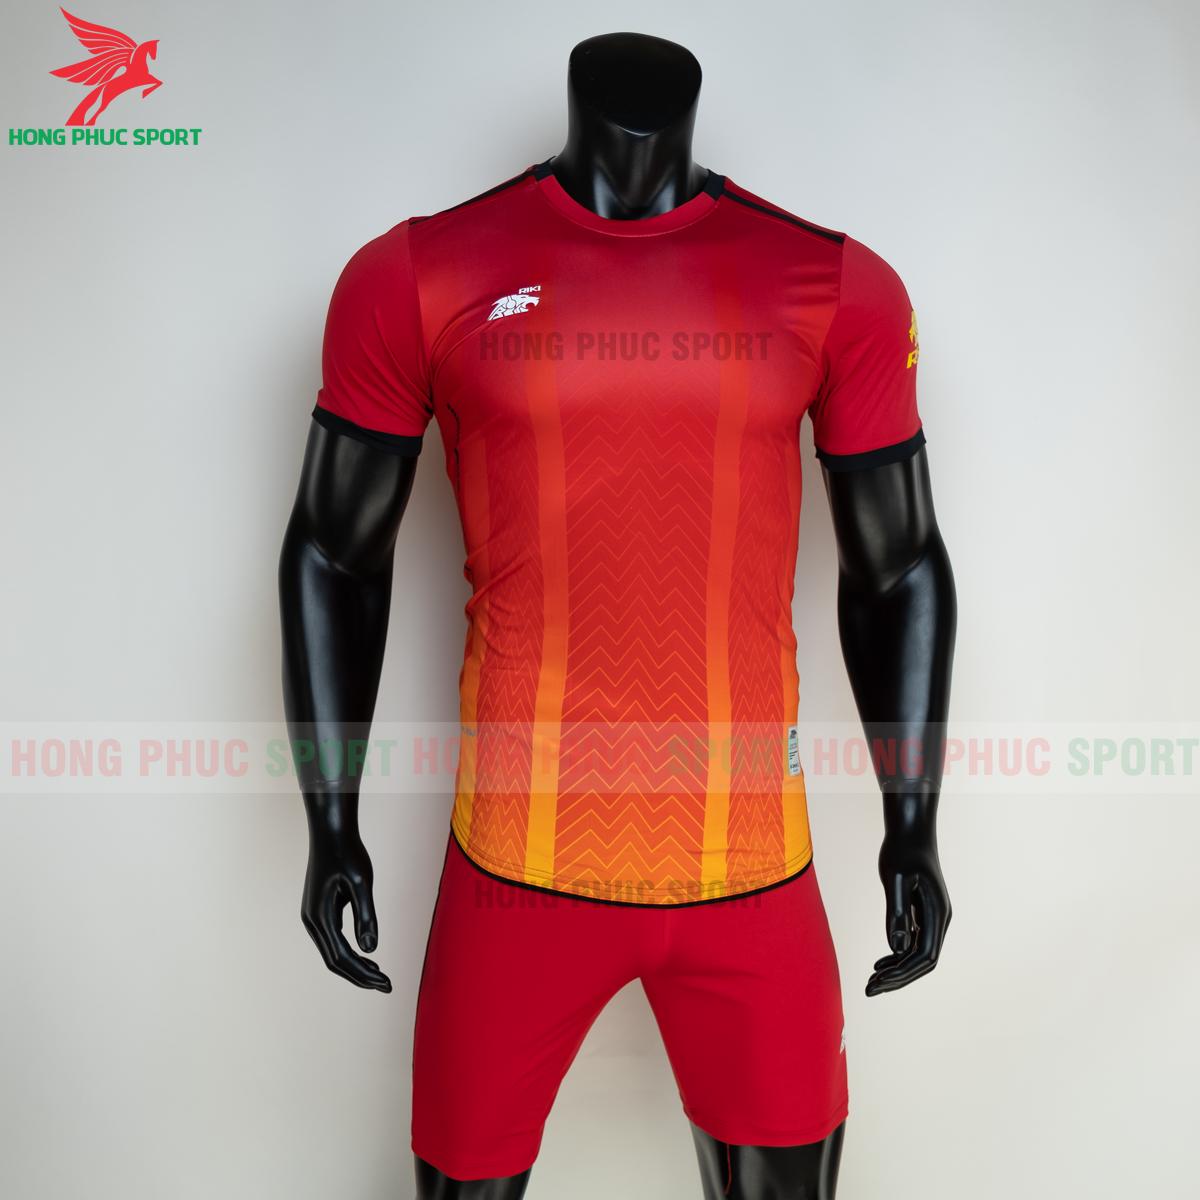 Áo đá banh không logo RIKI FURIOR 2021 màu đỏ (trước)